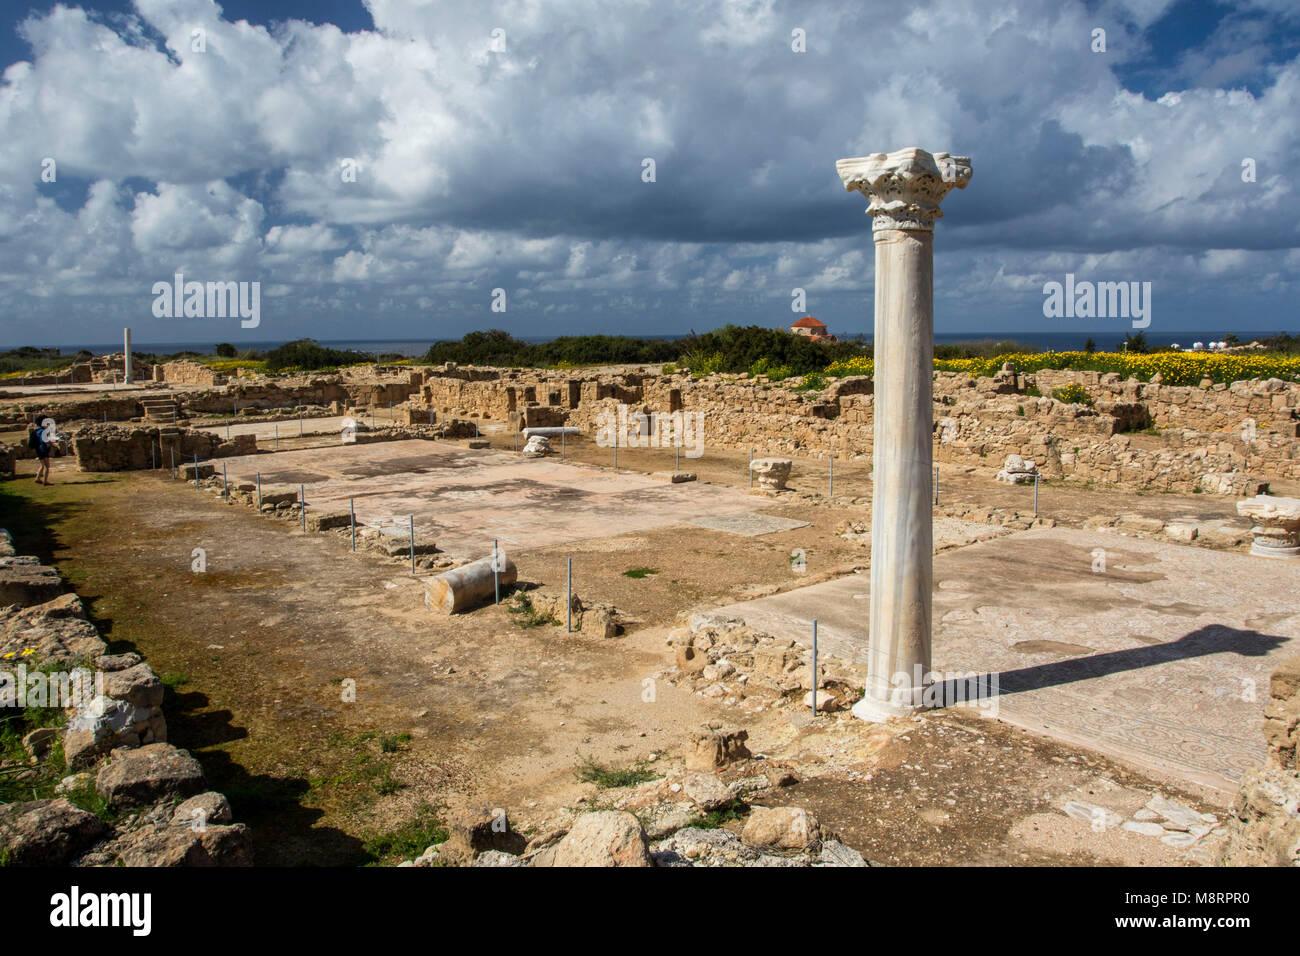 Site Archeoligical au Agios Georgious, district de Paphos, Chypre, Méditerranéenne Banque D'Images